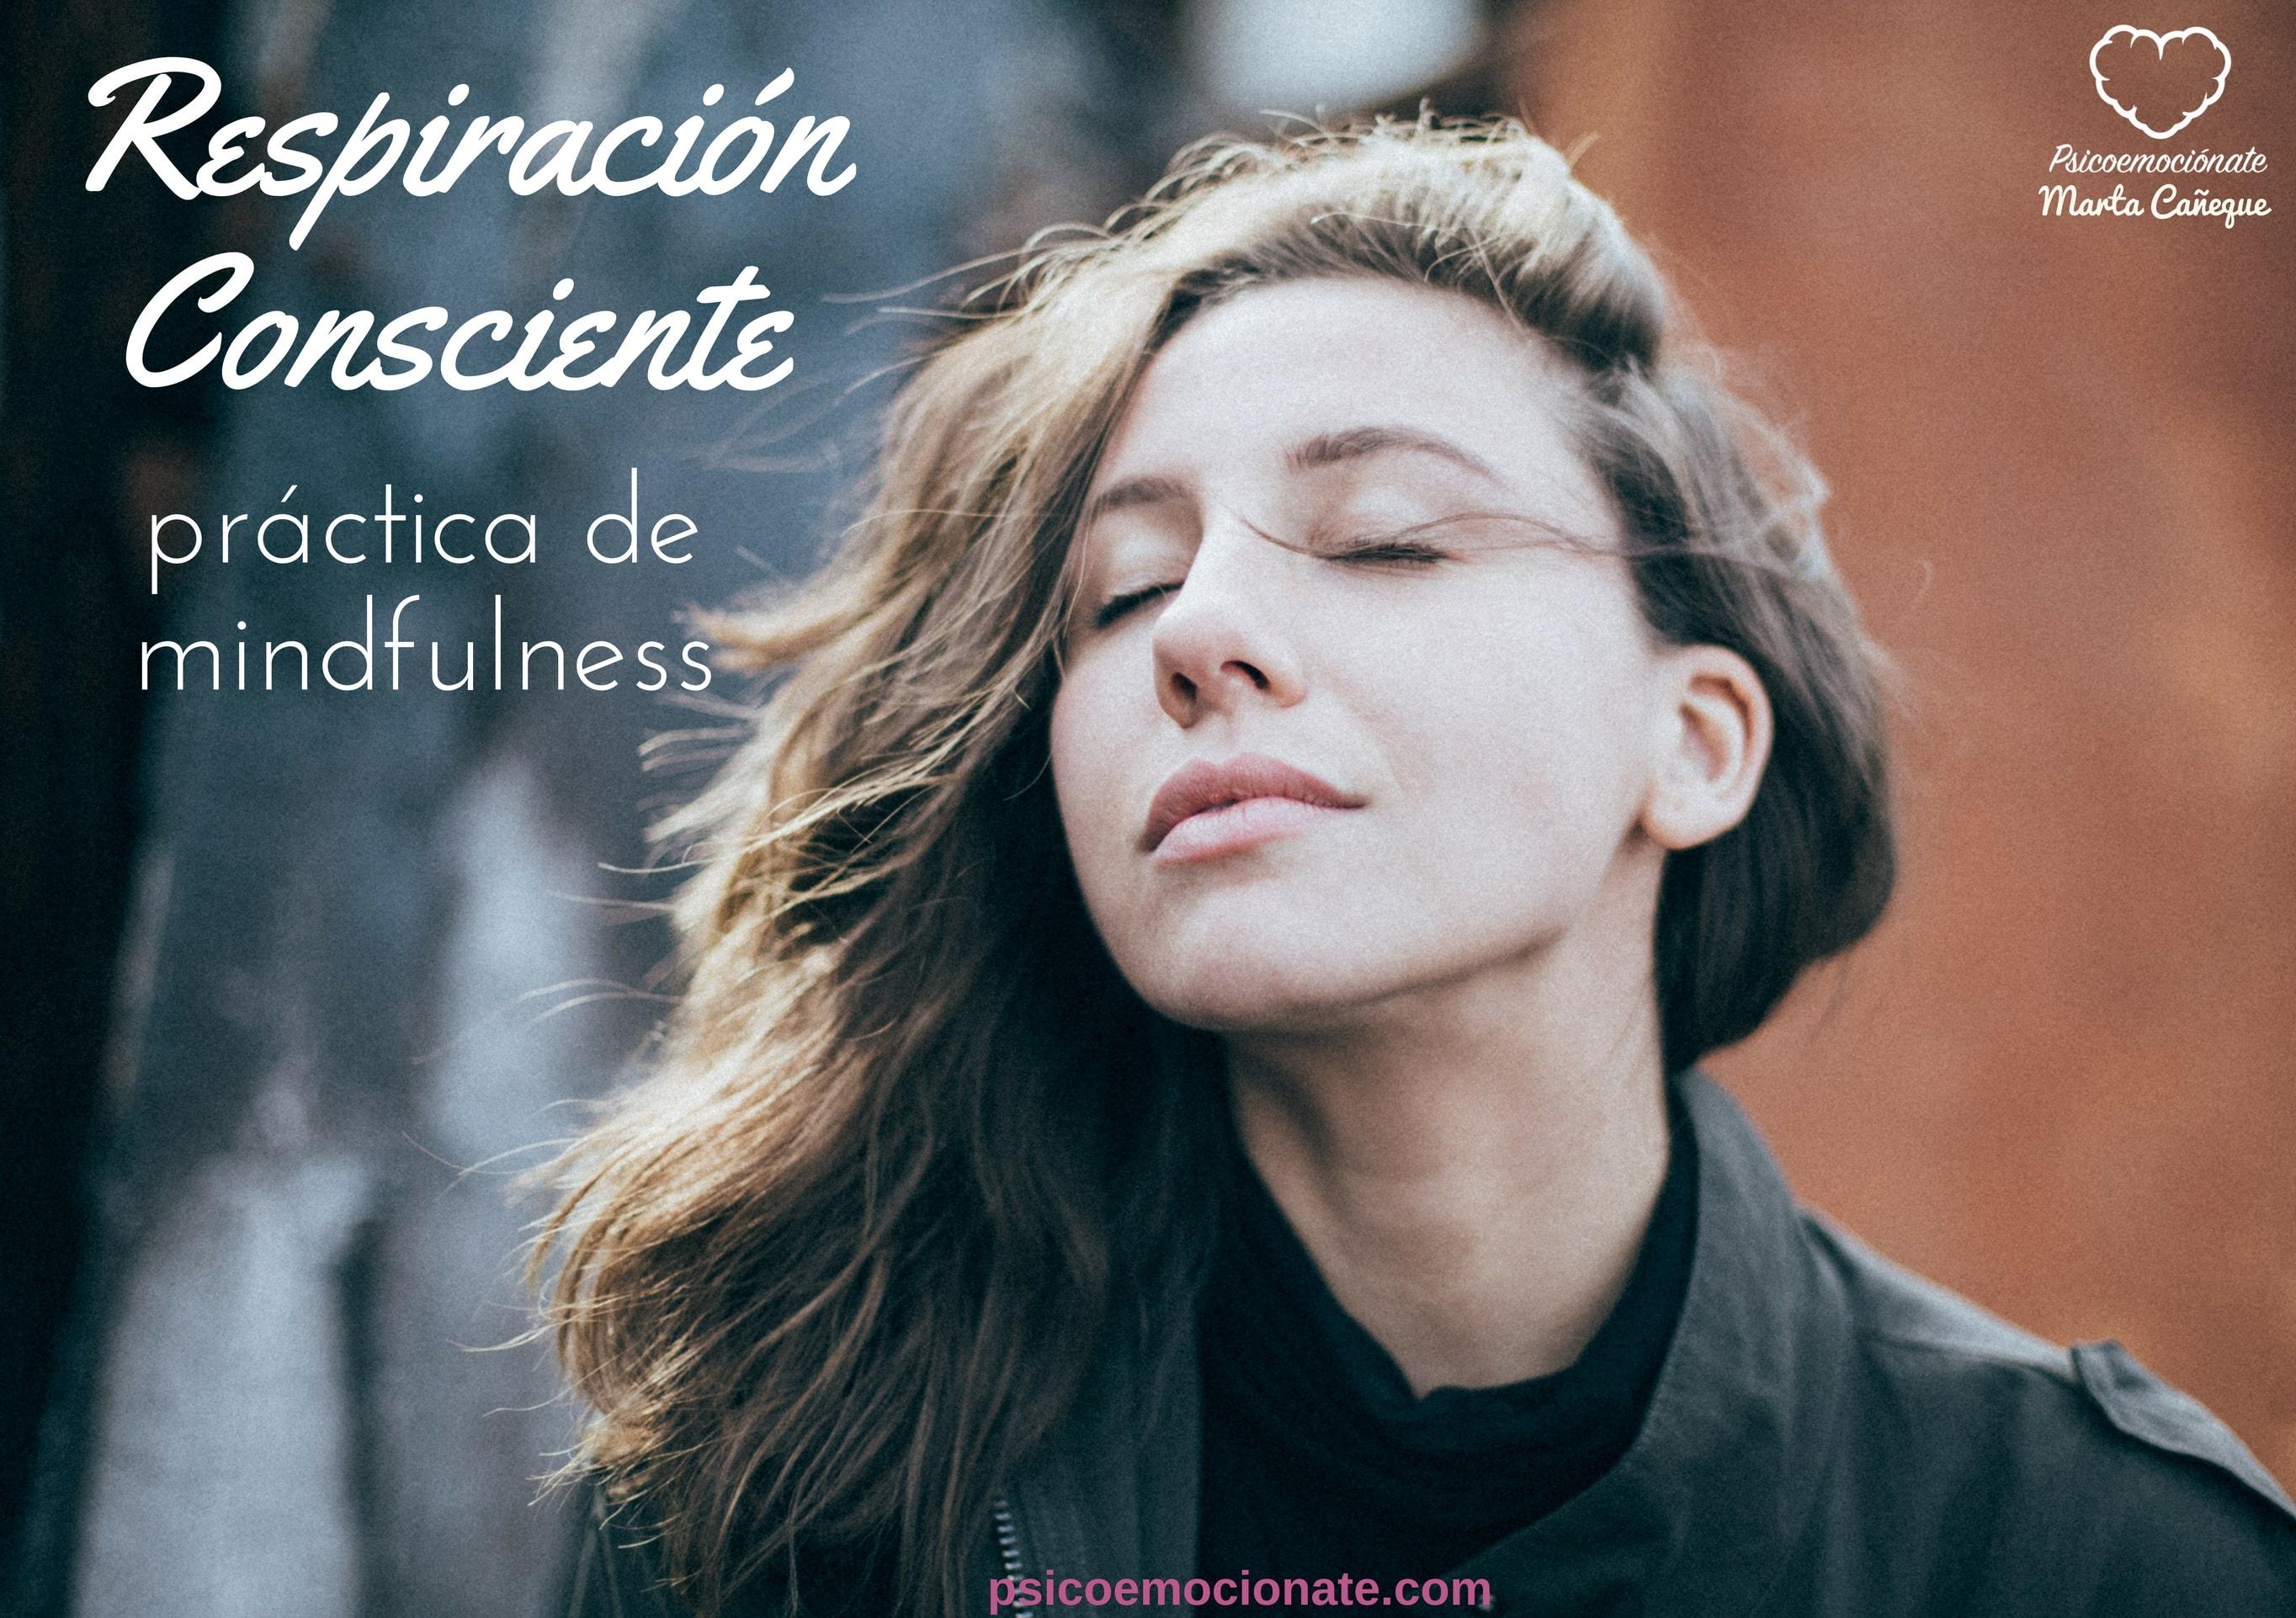 Respiración Consciente Mindfulness Psicoemocionate